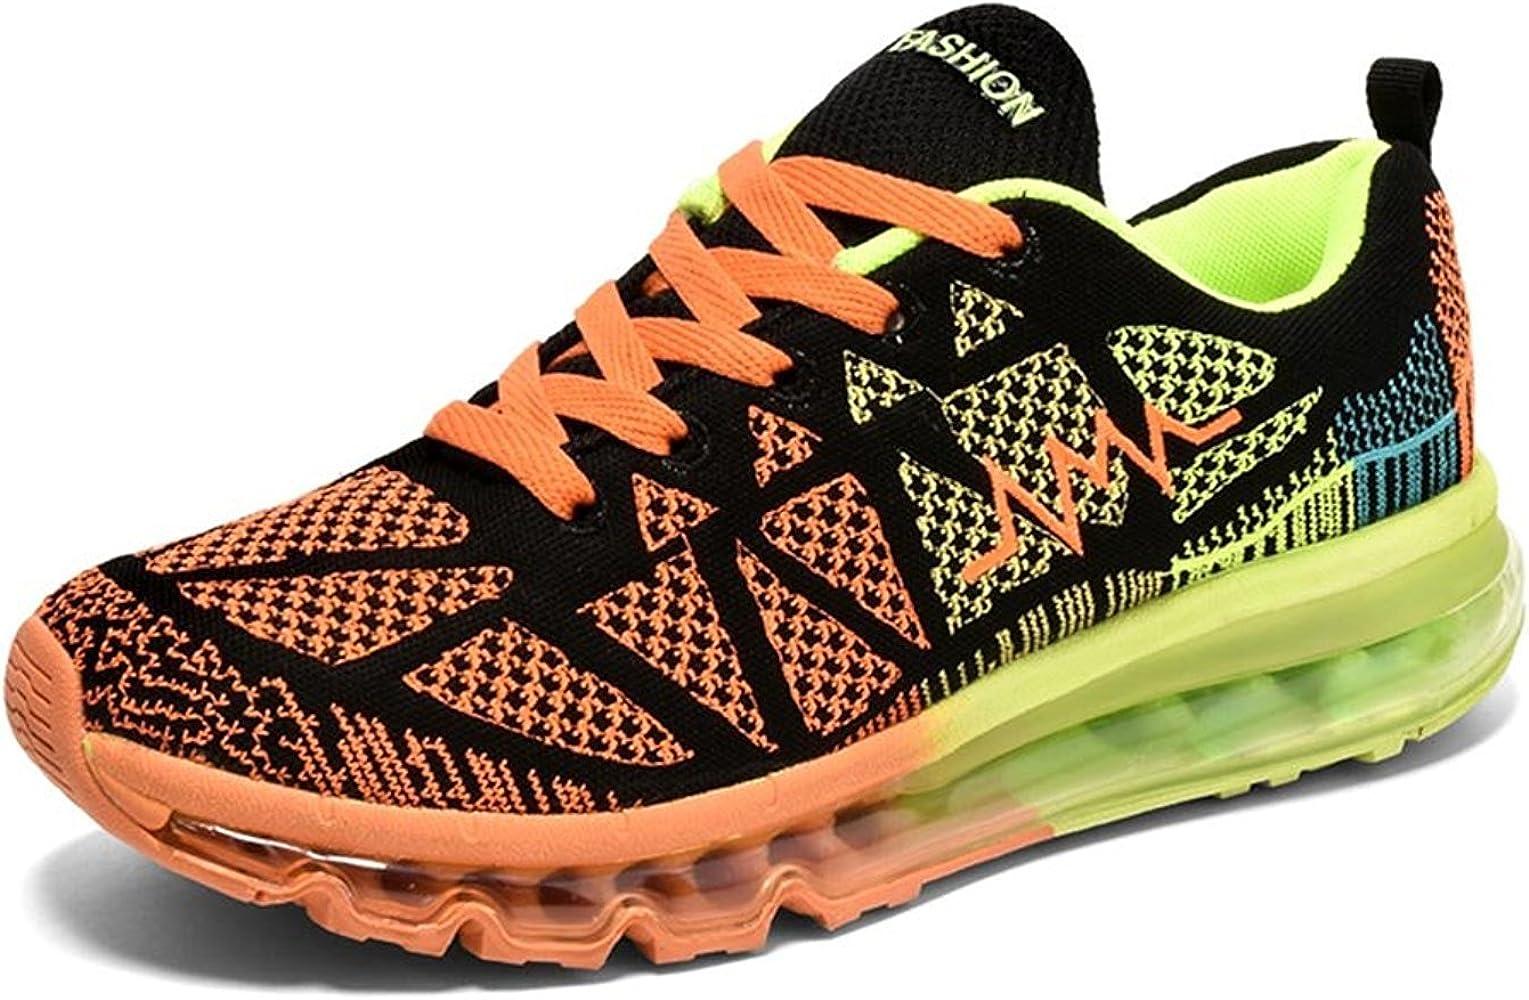 Zapatos para Correr en Montaña y Asfalto Aire Libre y Deportes ...